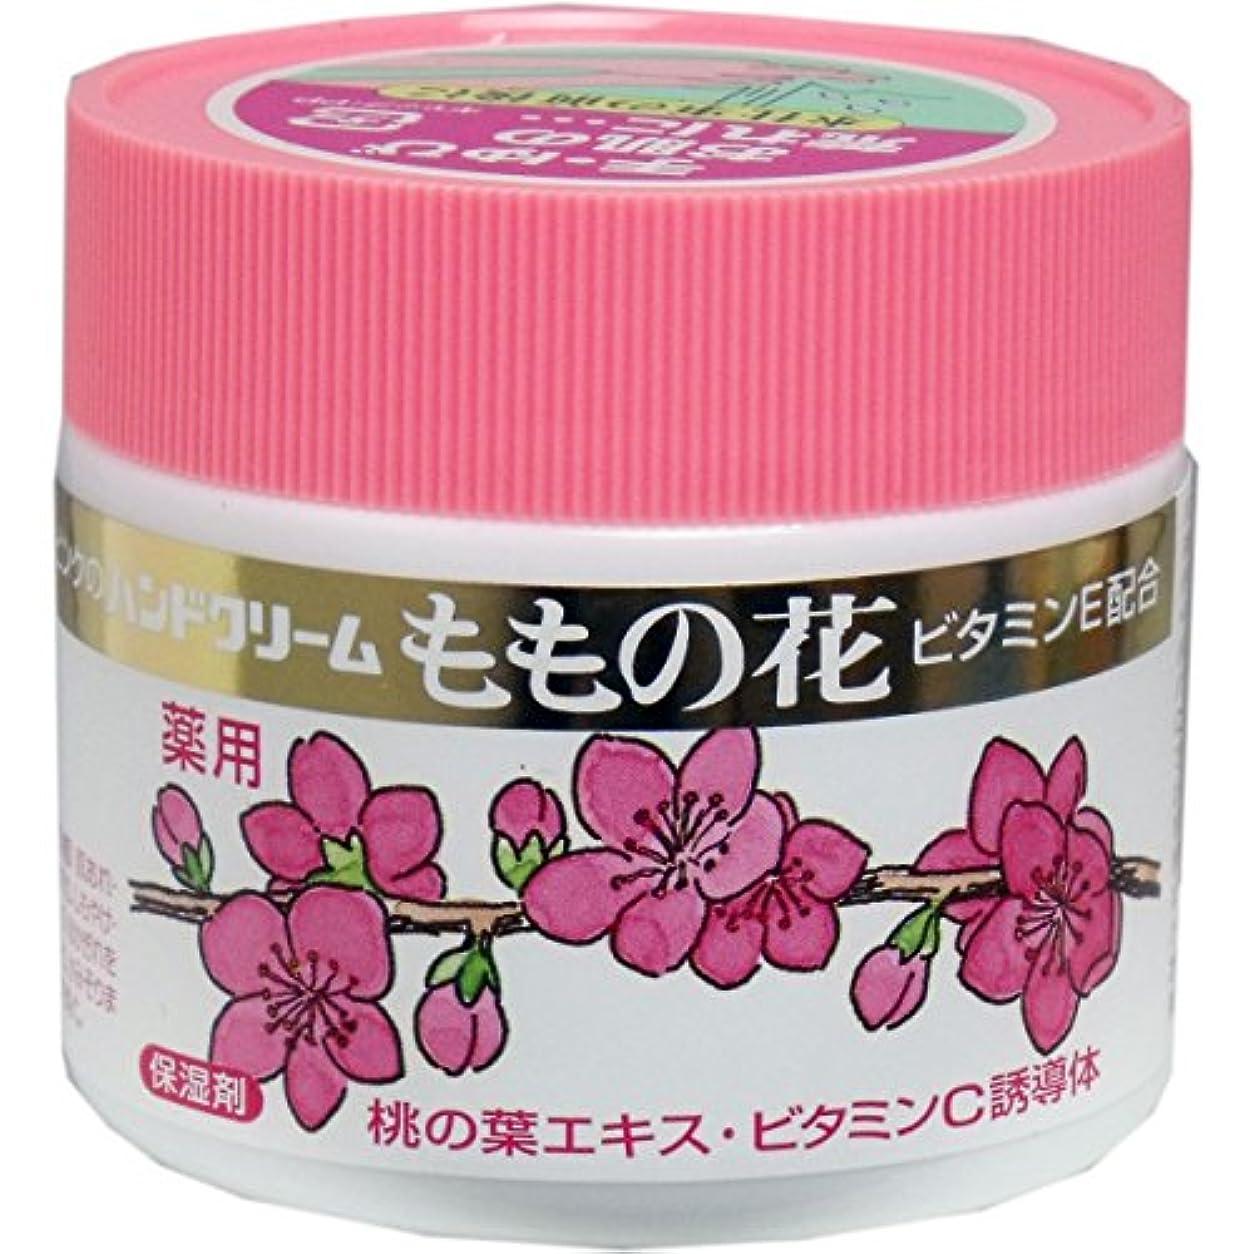 広範囲に思春期ドメインオリヂナル 薬用ハンドクリーム ももの花